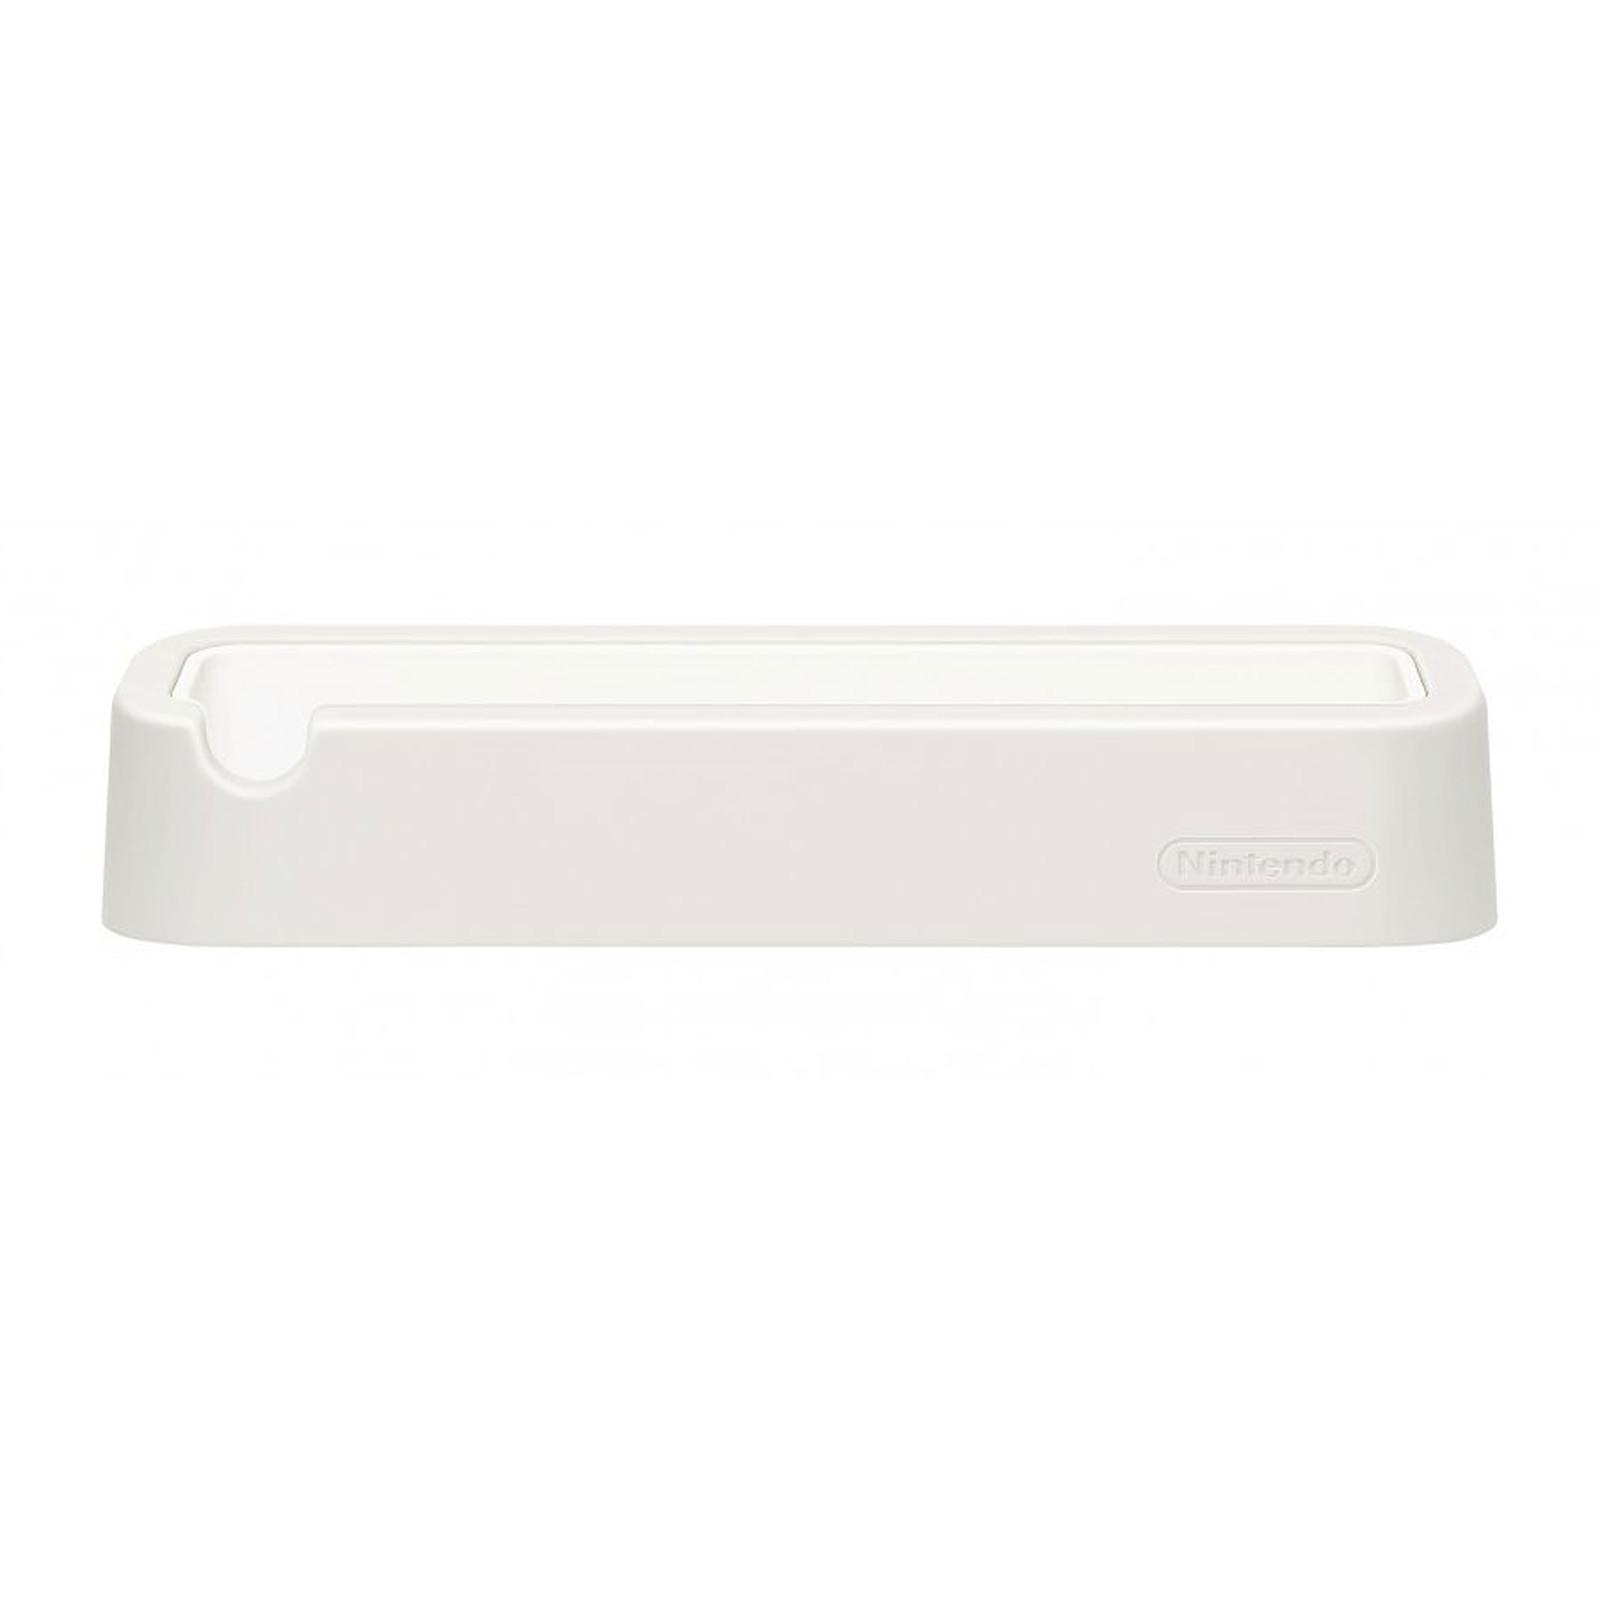 Nintendo Station de recharge New 3DS (Blanc)